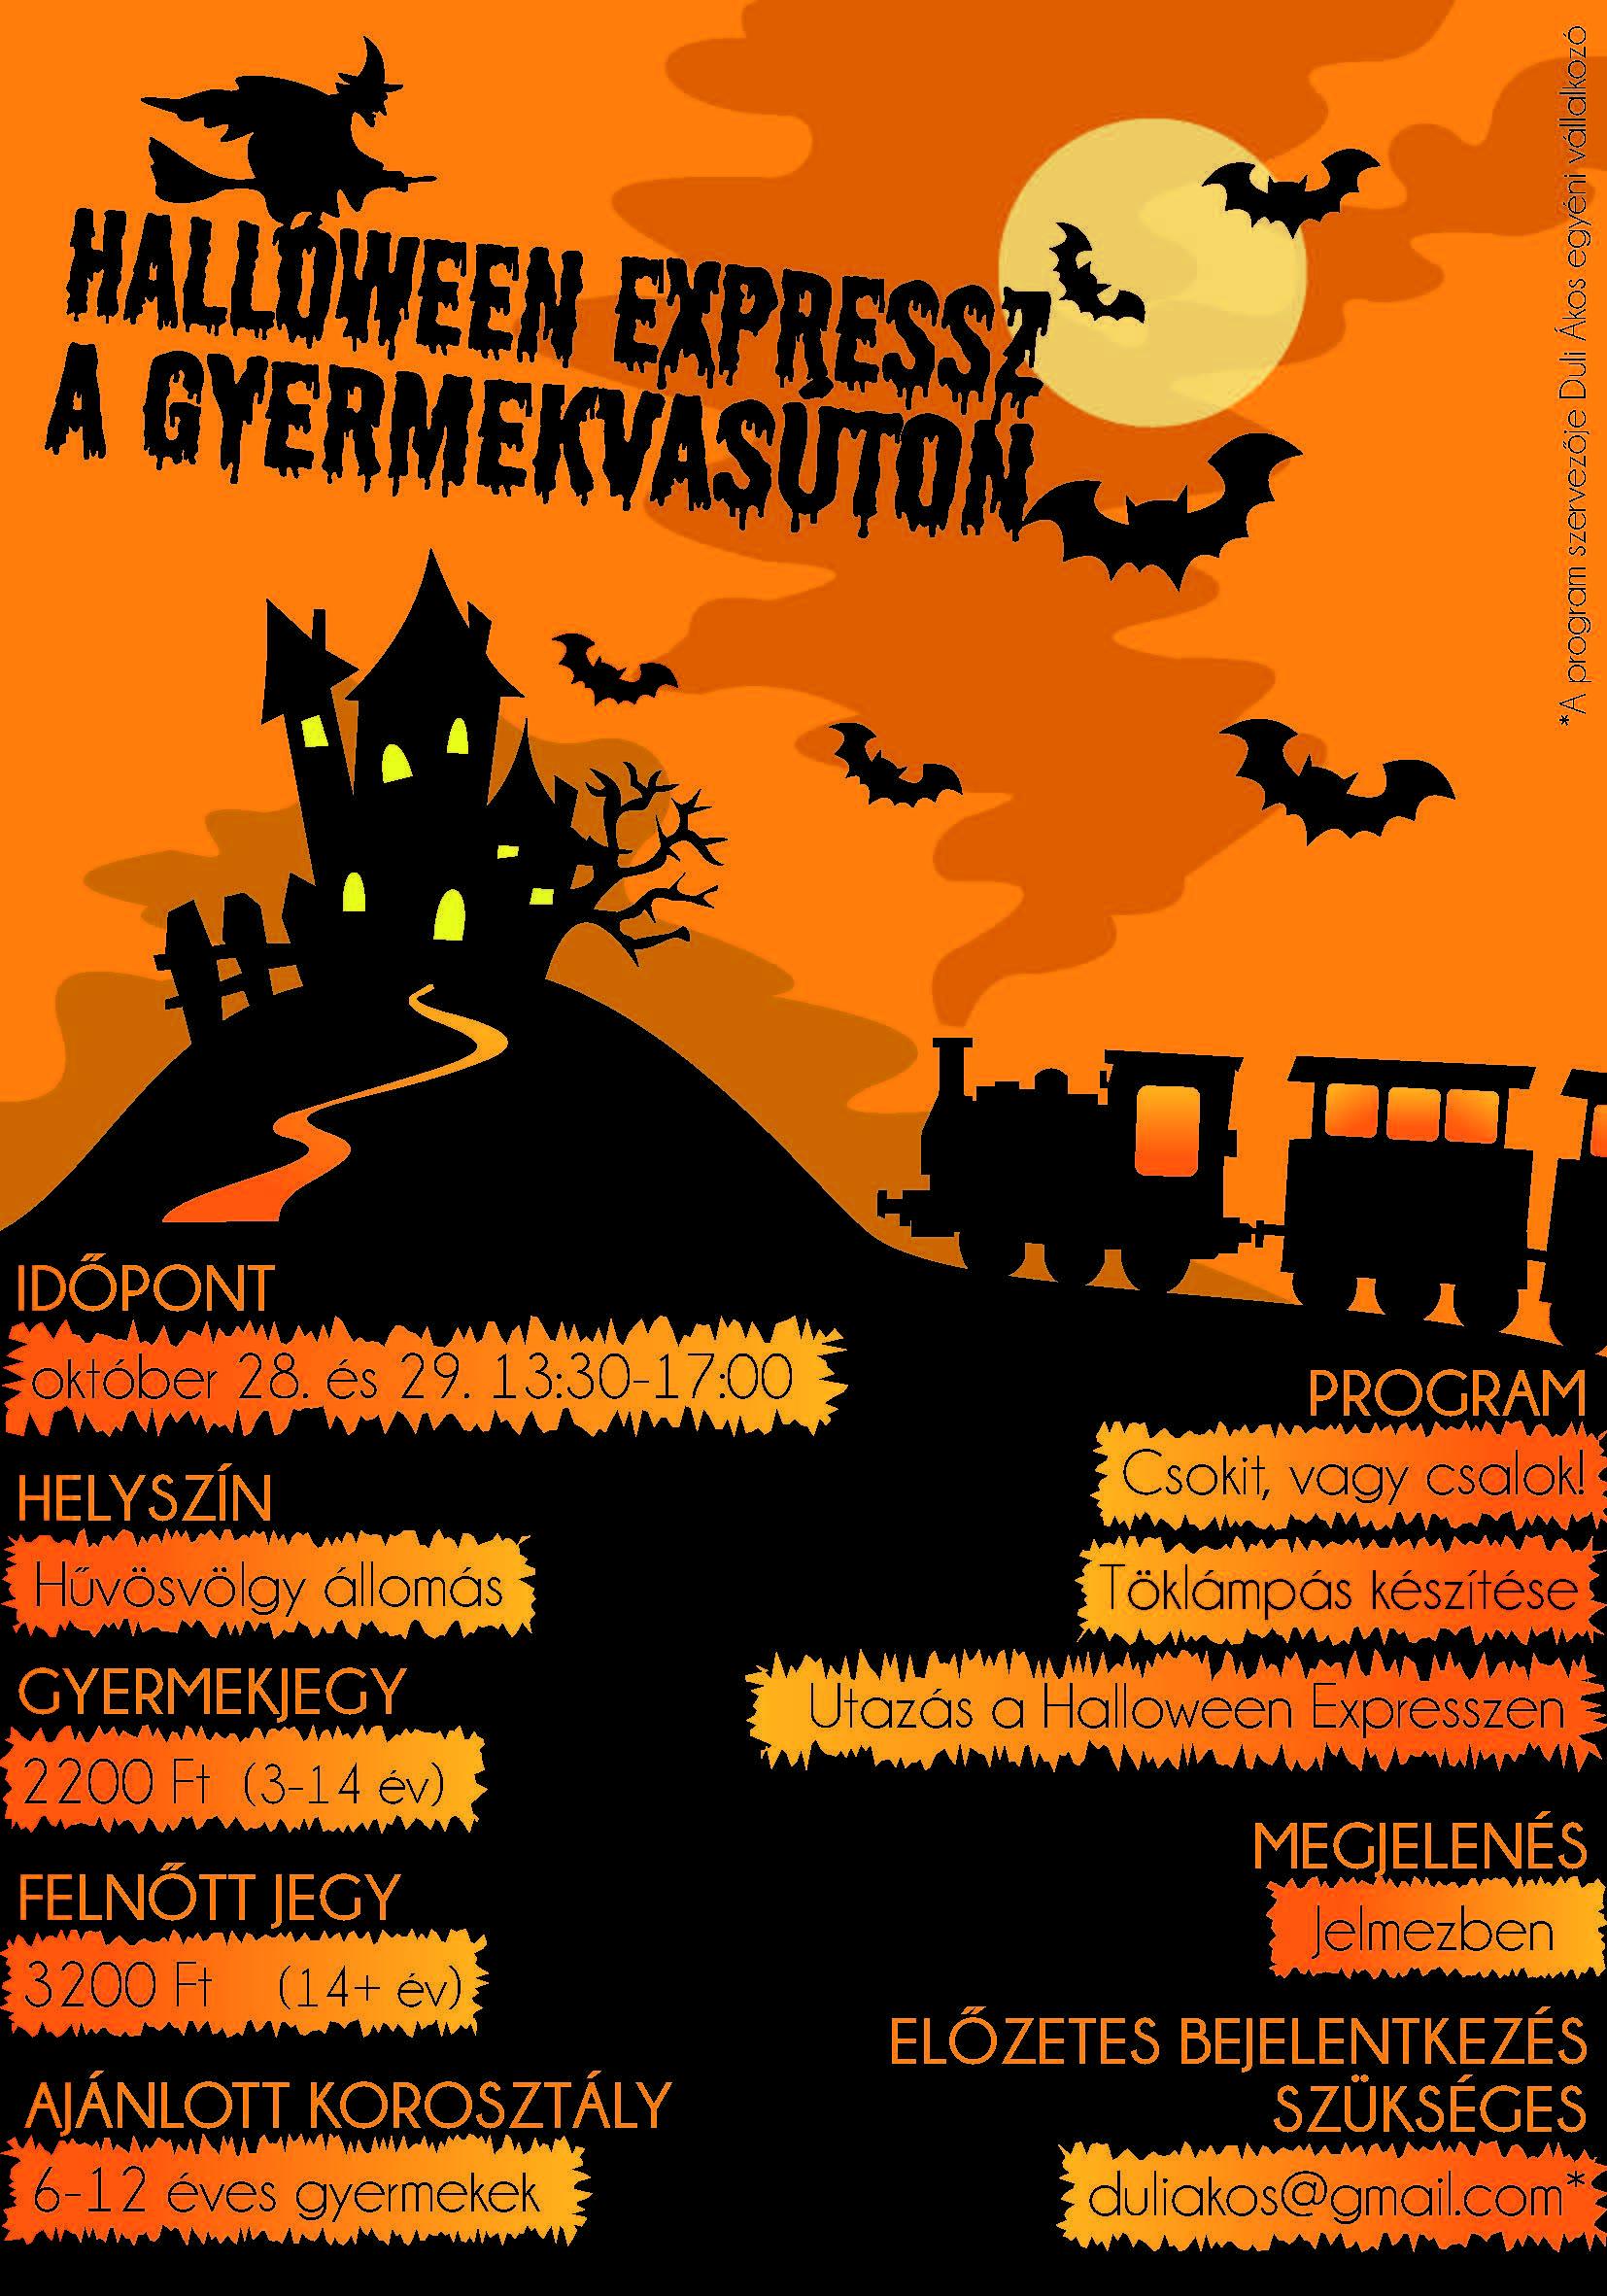 Halloween Expressz a Gyermekvasúton - MEGTELT